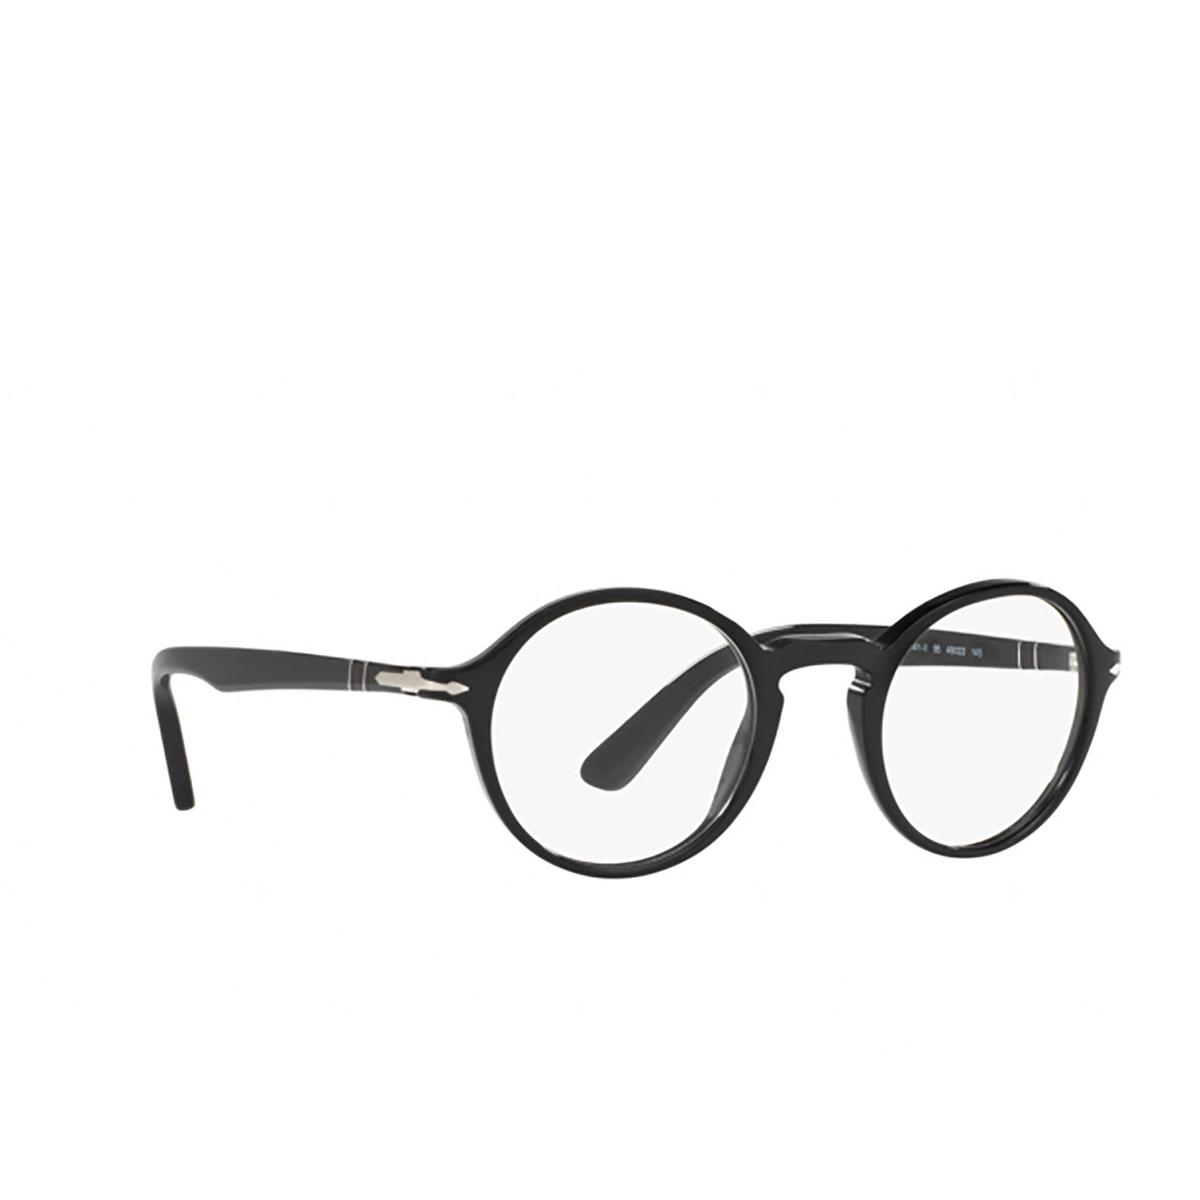 Persol® Round Eyeglasses: PO3141V color Black 95 - three-quarters view.